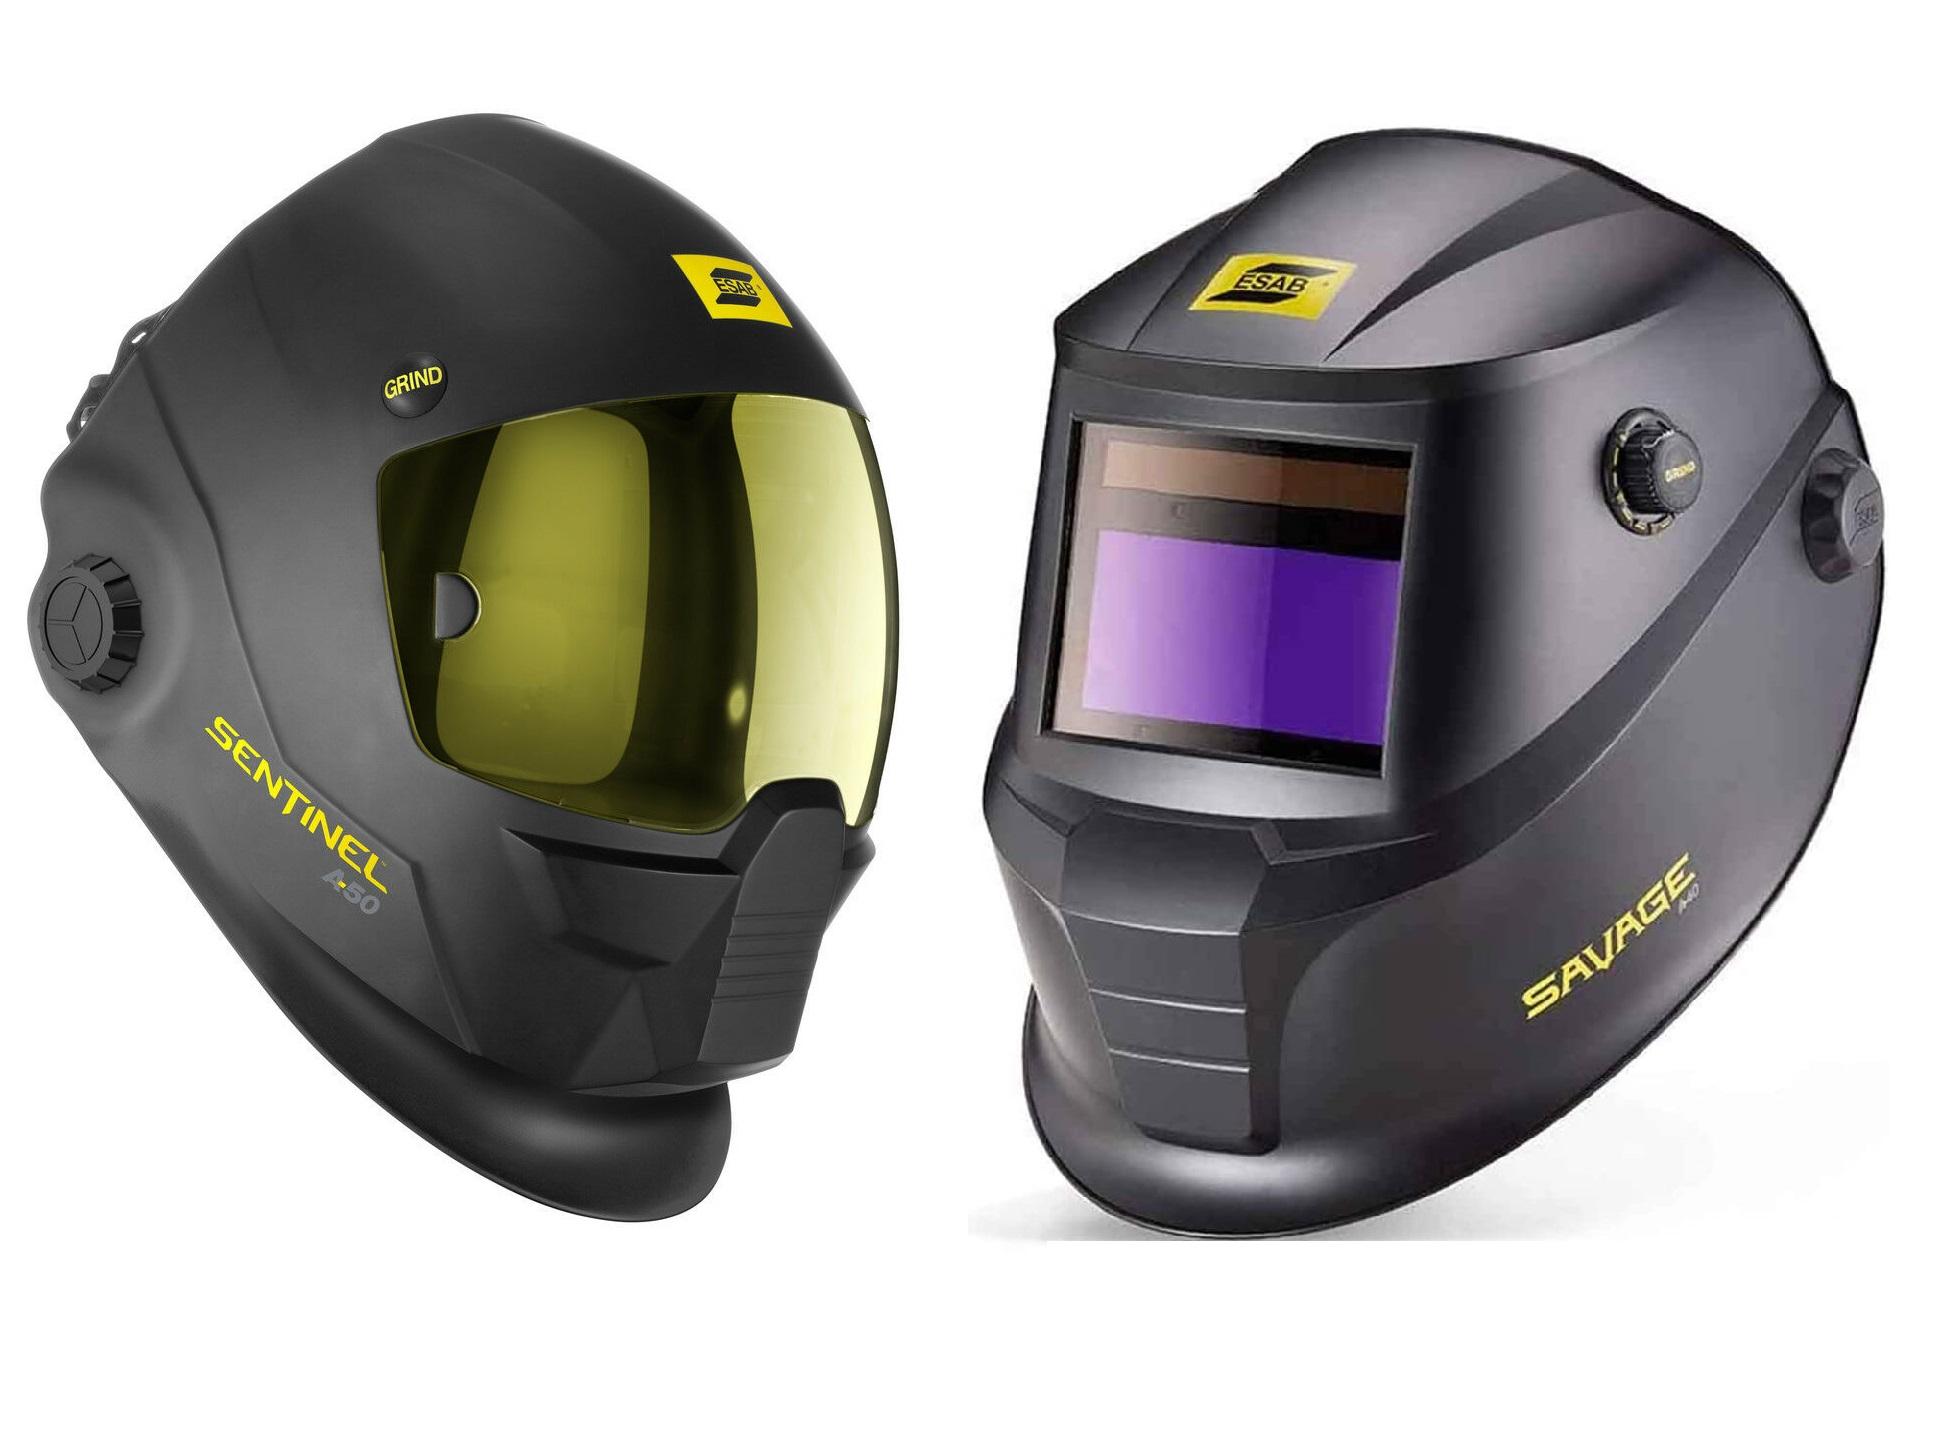 welding-helmets-and-accessories